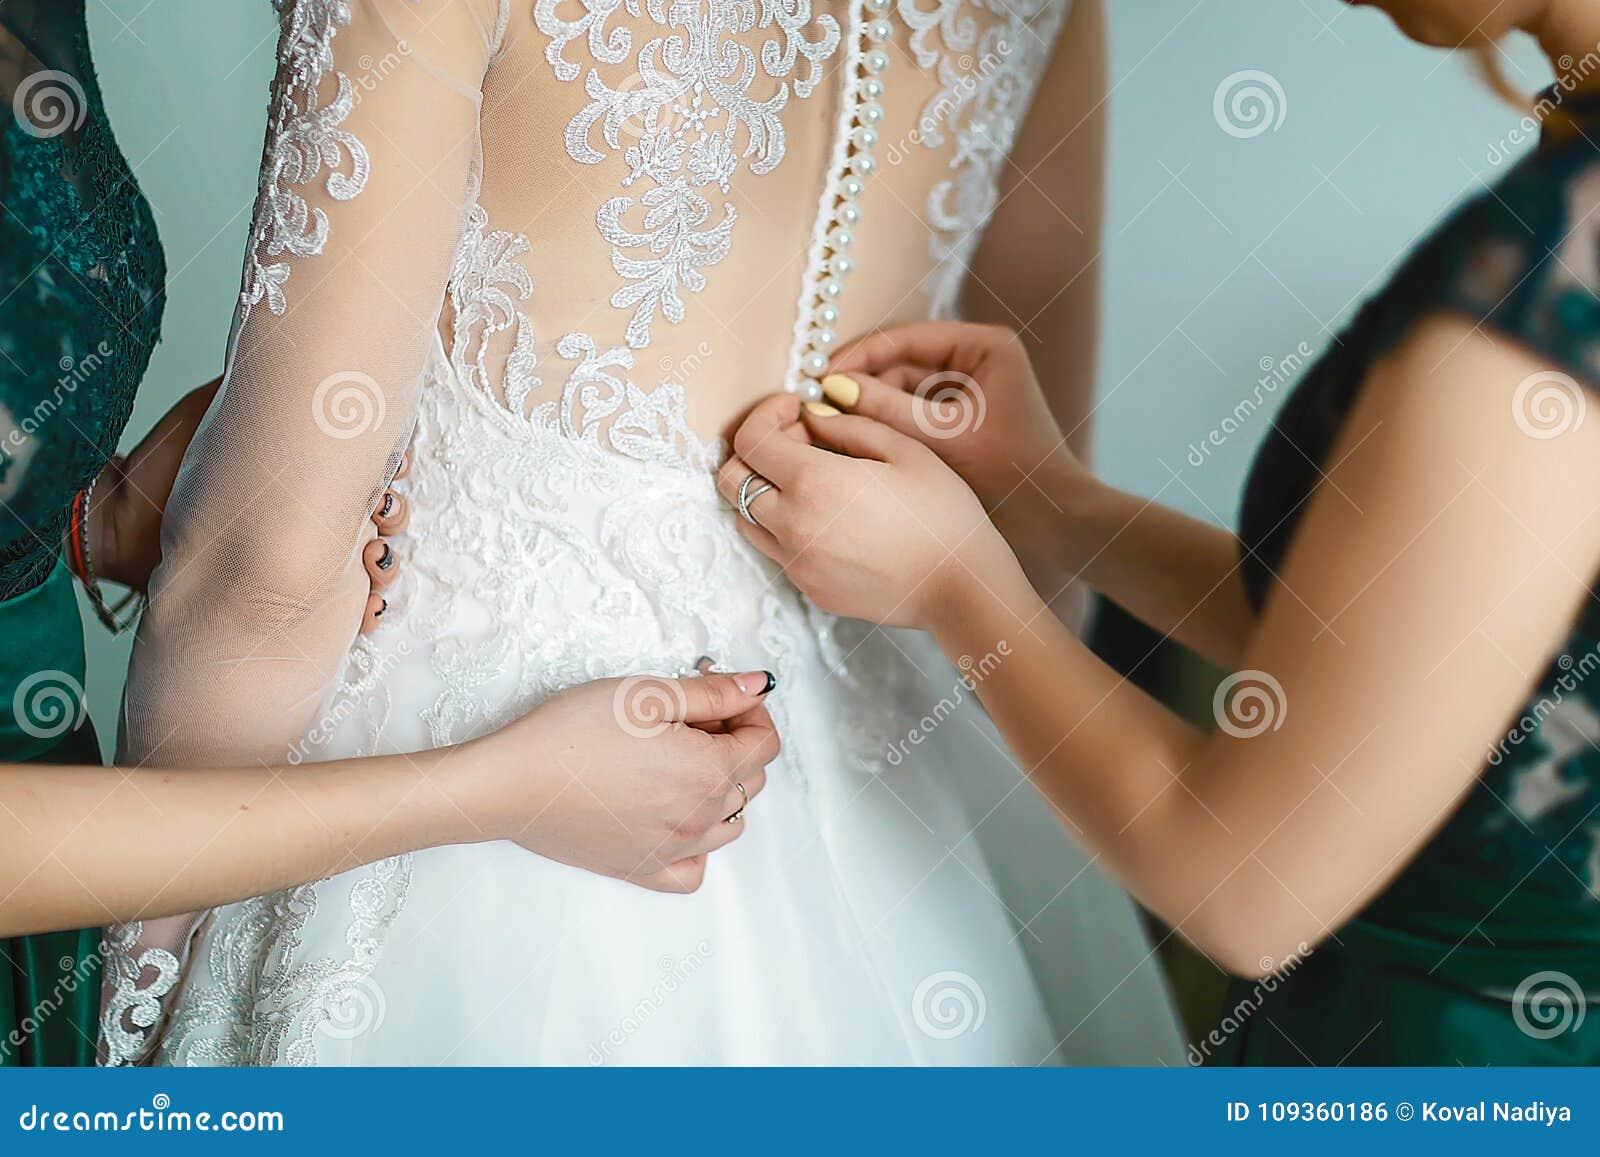 сайте имеется купание невесты перед свадьбой чтоумные самцы